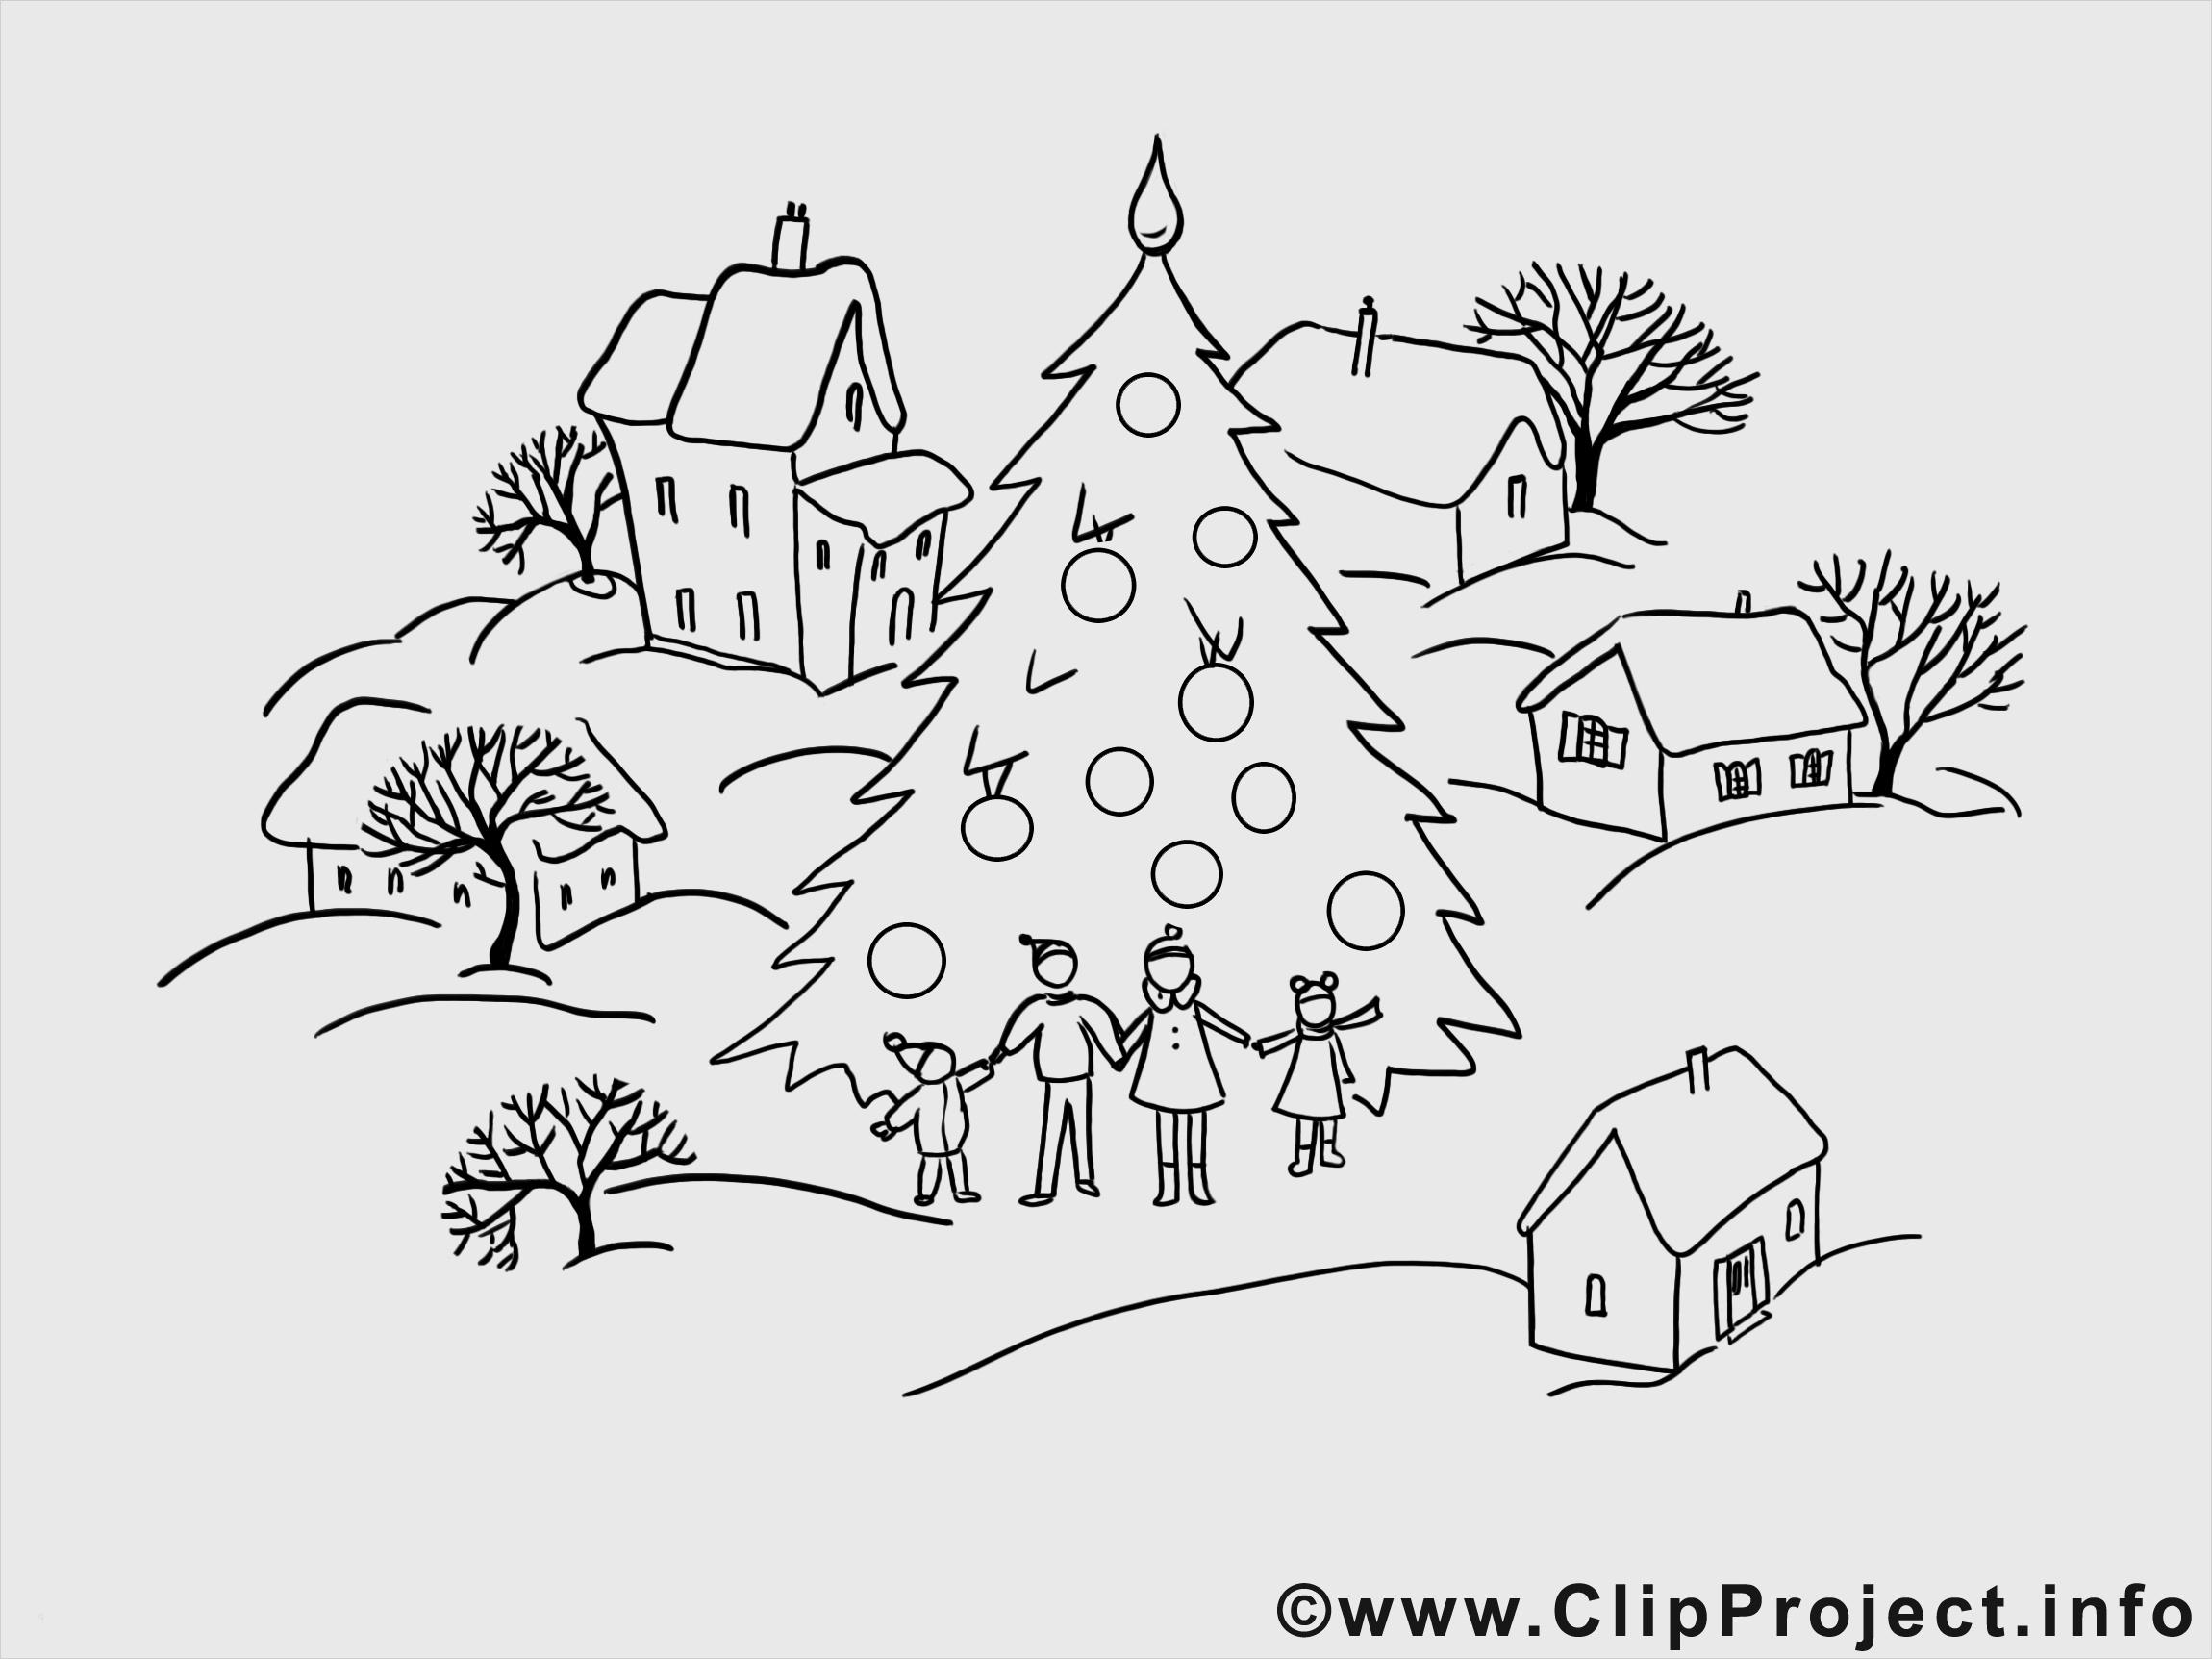 Dekupiersage Vorlage Zum Ausdrucken Zu Weihnachten